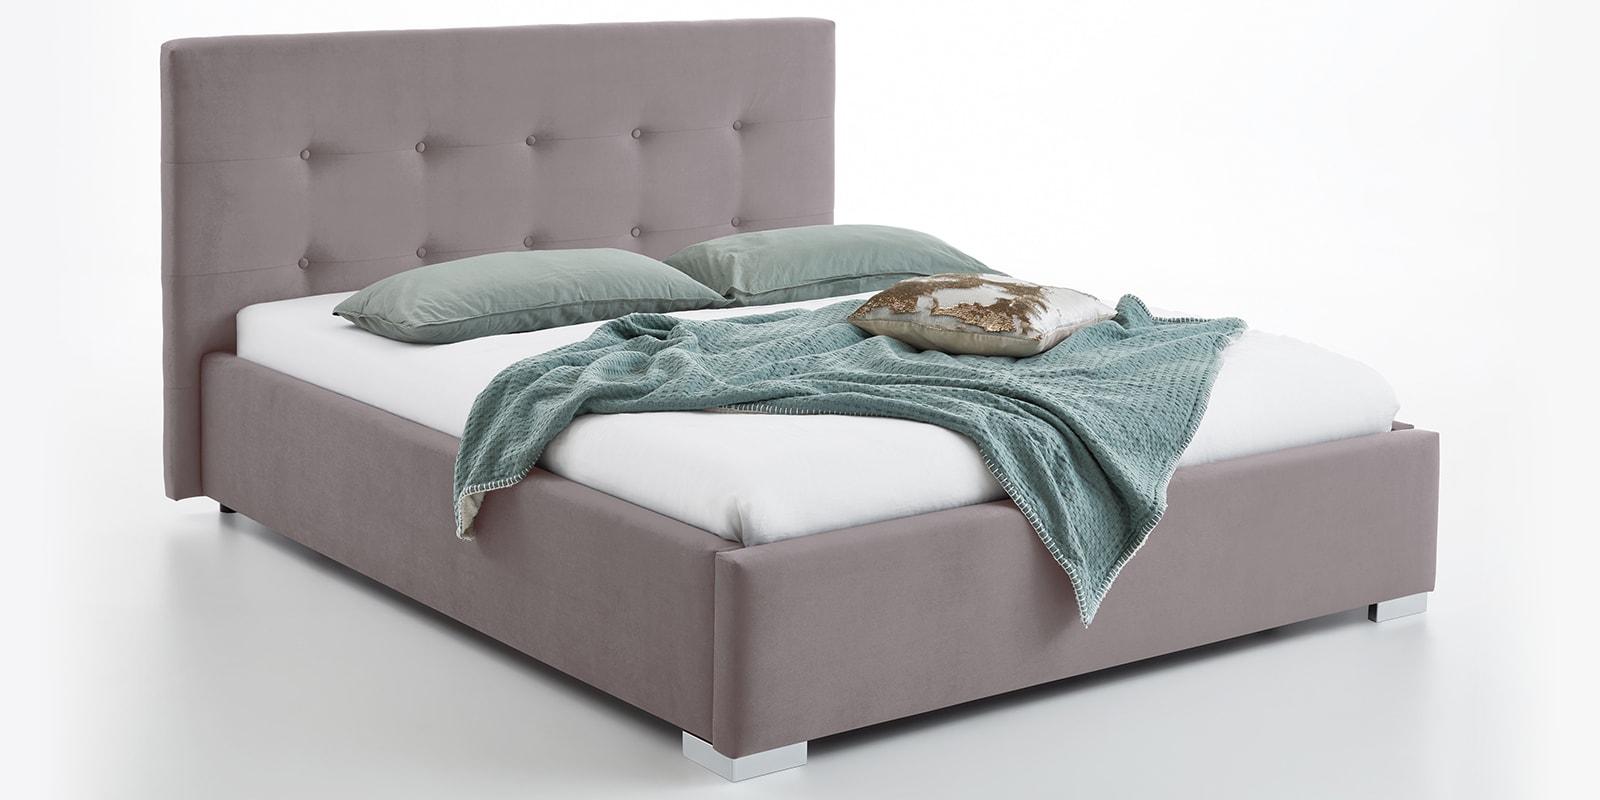 Moebella24 - Bett - mit - Bettkasten - Betty - Samt - Rose - Stauraum - Kopfteil - mit - Knopfheftung- Bettkasten - Von - vorne - links